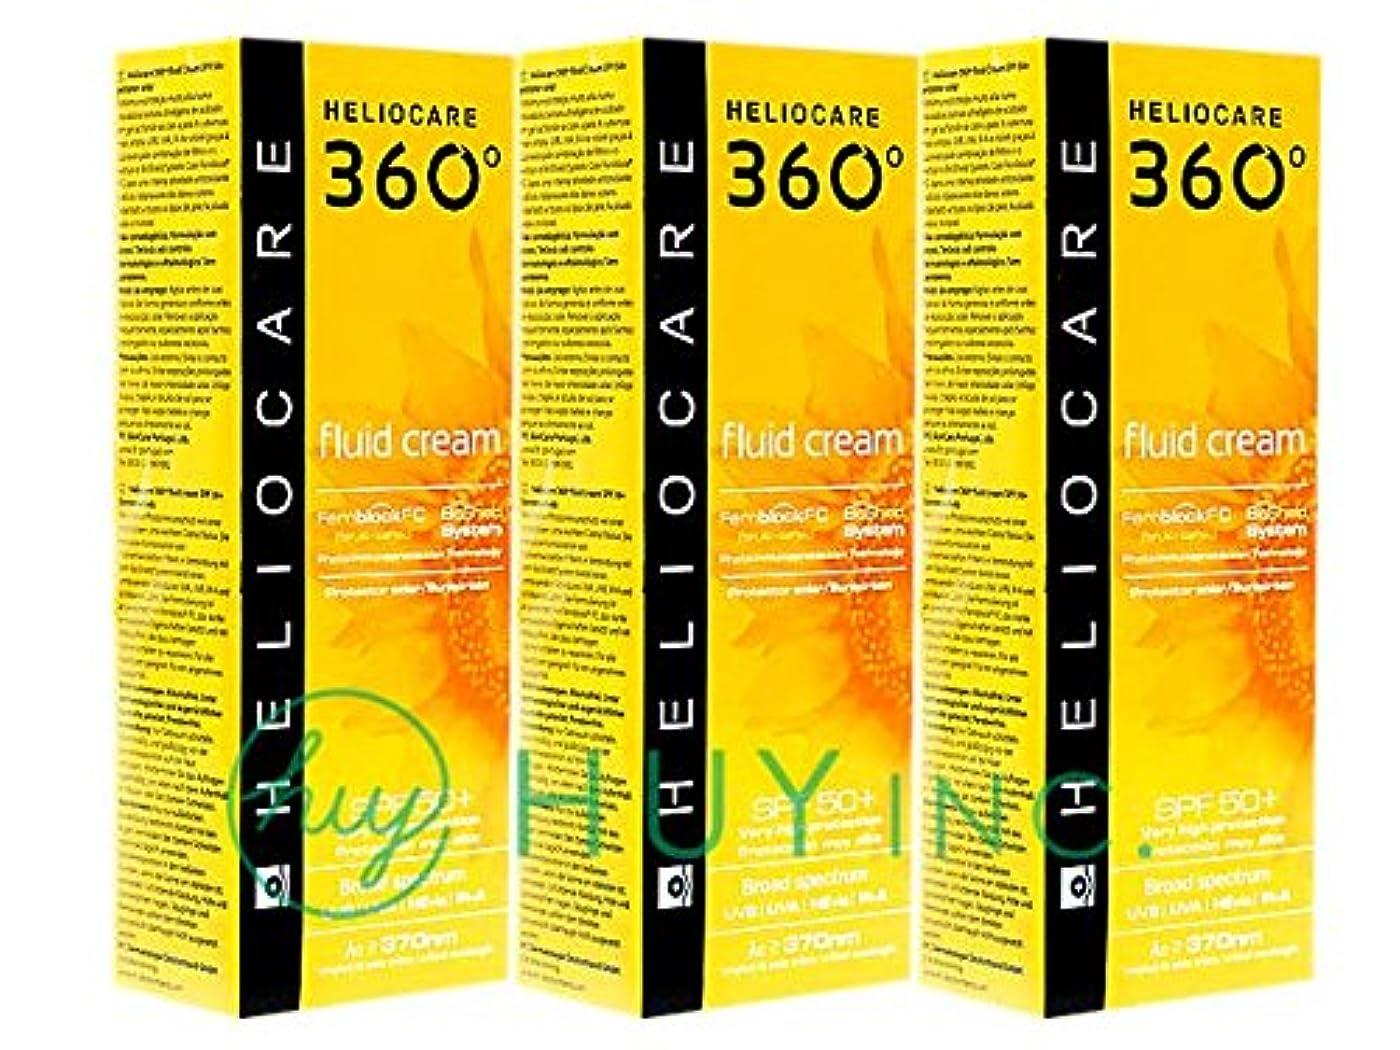 吐き出す記録味付けヘリオケア 360°フルイドクリーム(Heliocare360FluidCream)SPF50+ 3ボトル(50ml×3) [並行輸入品]